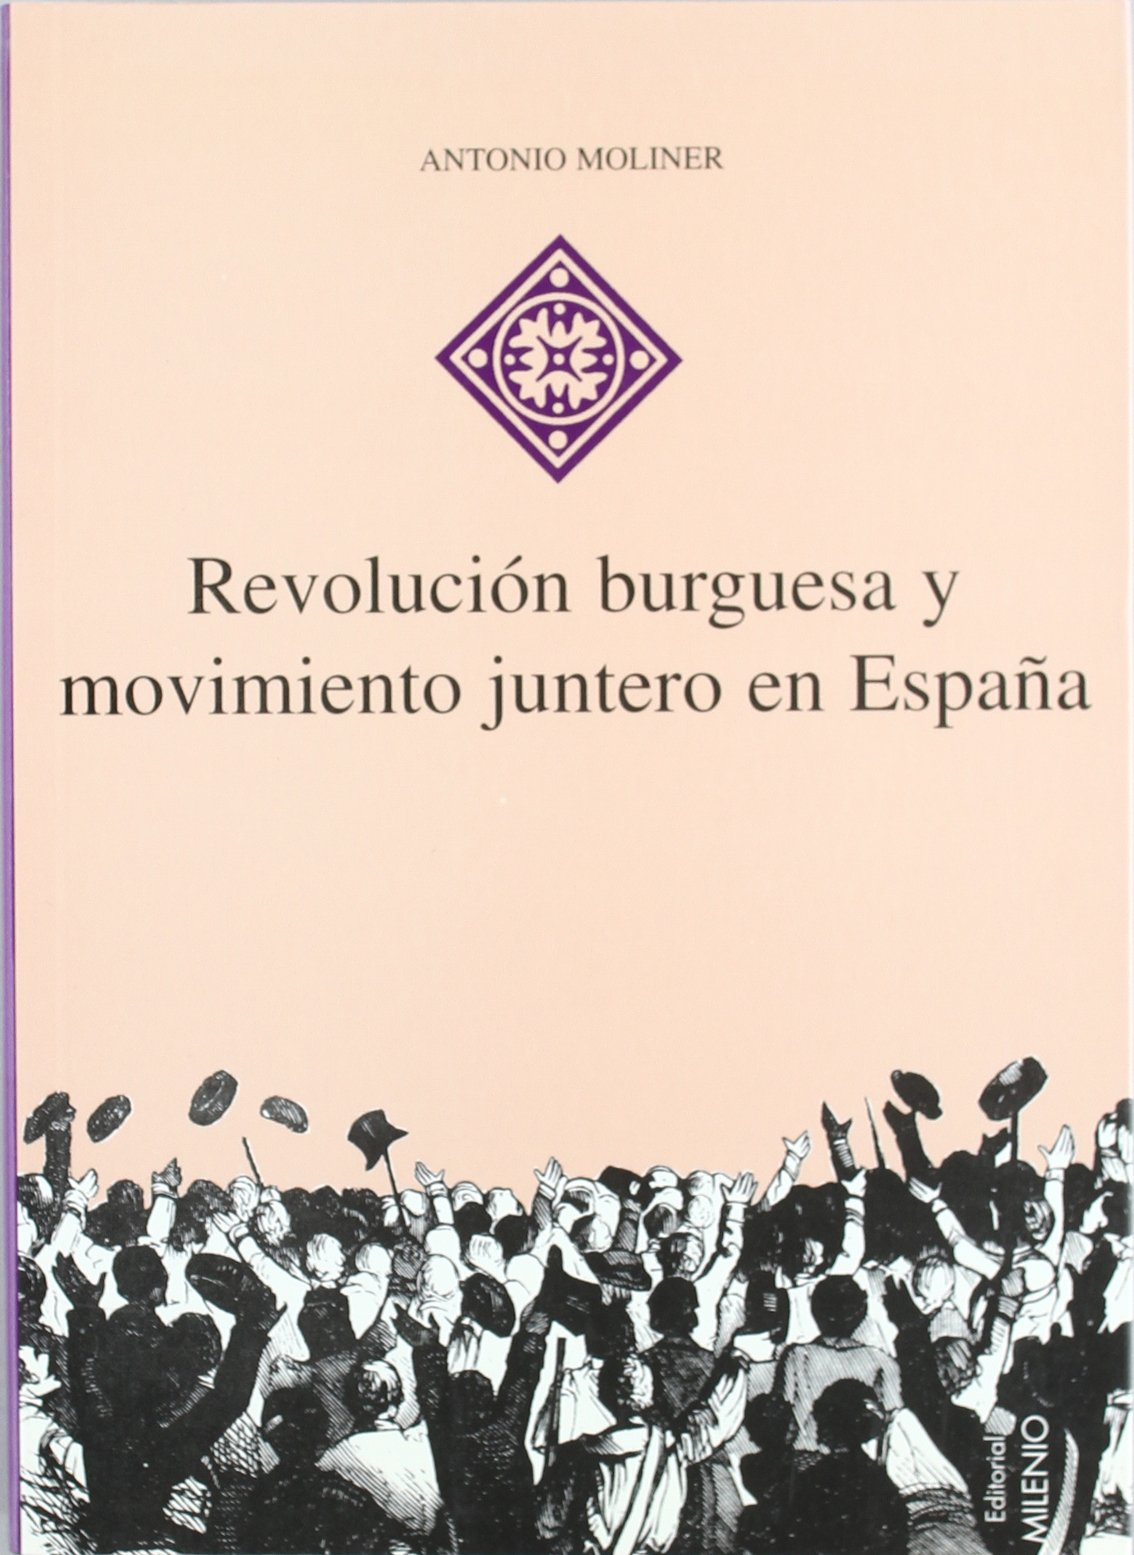 Revolución burguesa y movimiento juntero en España Hispania: Amazon.es: Moliner Prada, Antonio, Fernández, Roberto, Lladonosa, Manuel: Libros